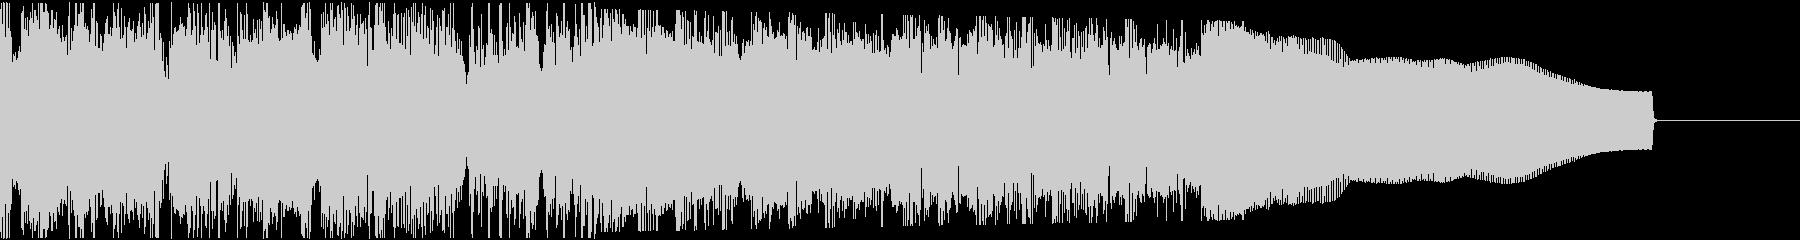 カントリー風ギターイントロ−06Dの未再生の波形